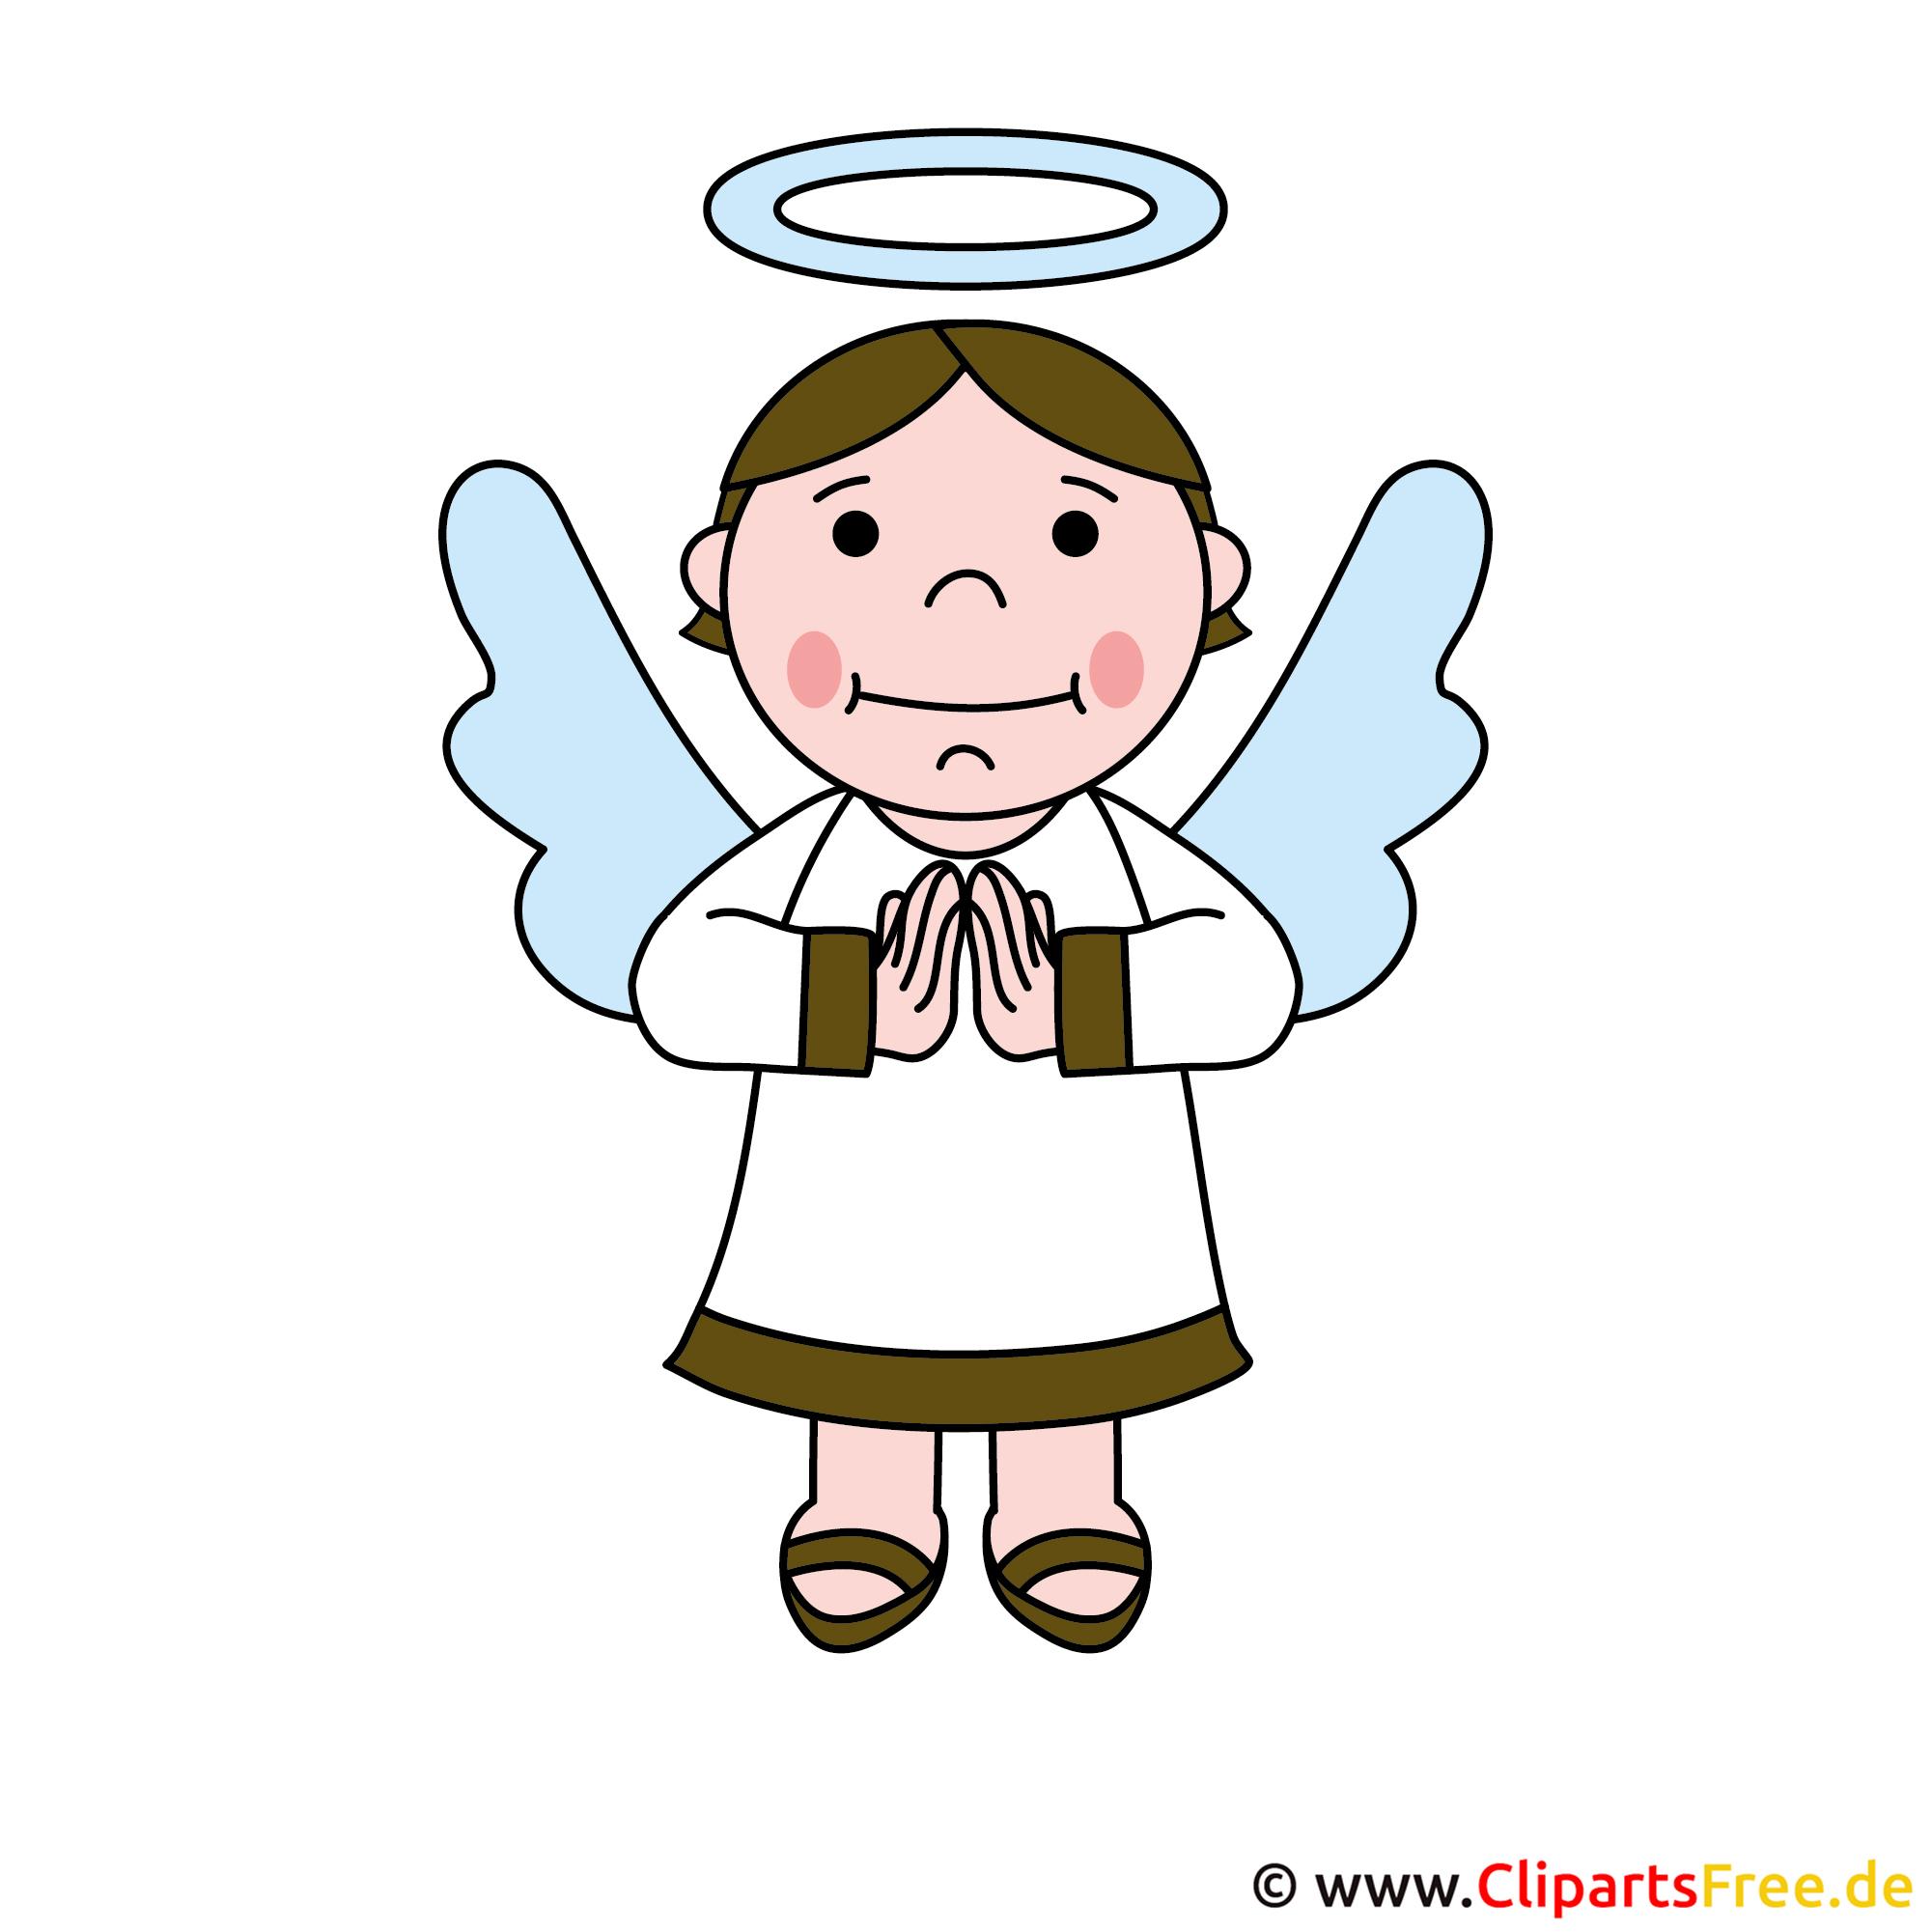 Engel Cartoon-Bild - Einladung zur Kommunion selbst gestalten